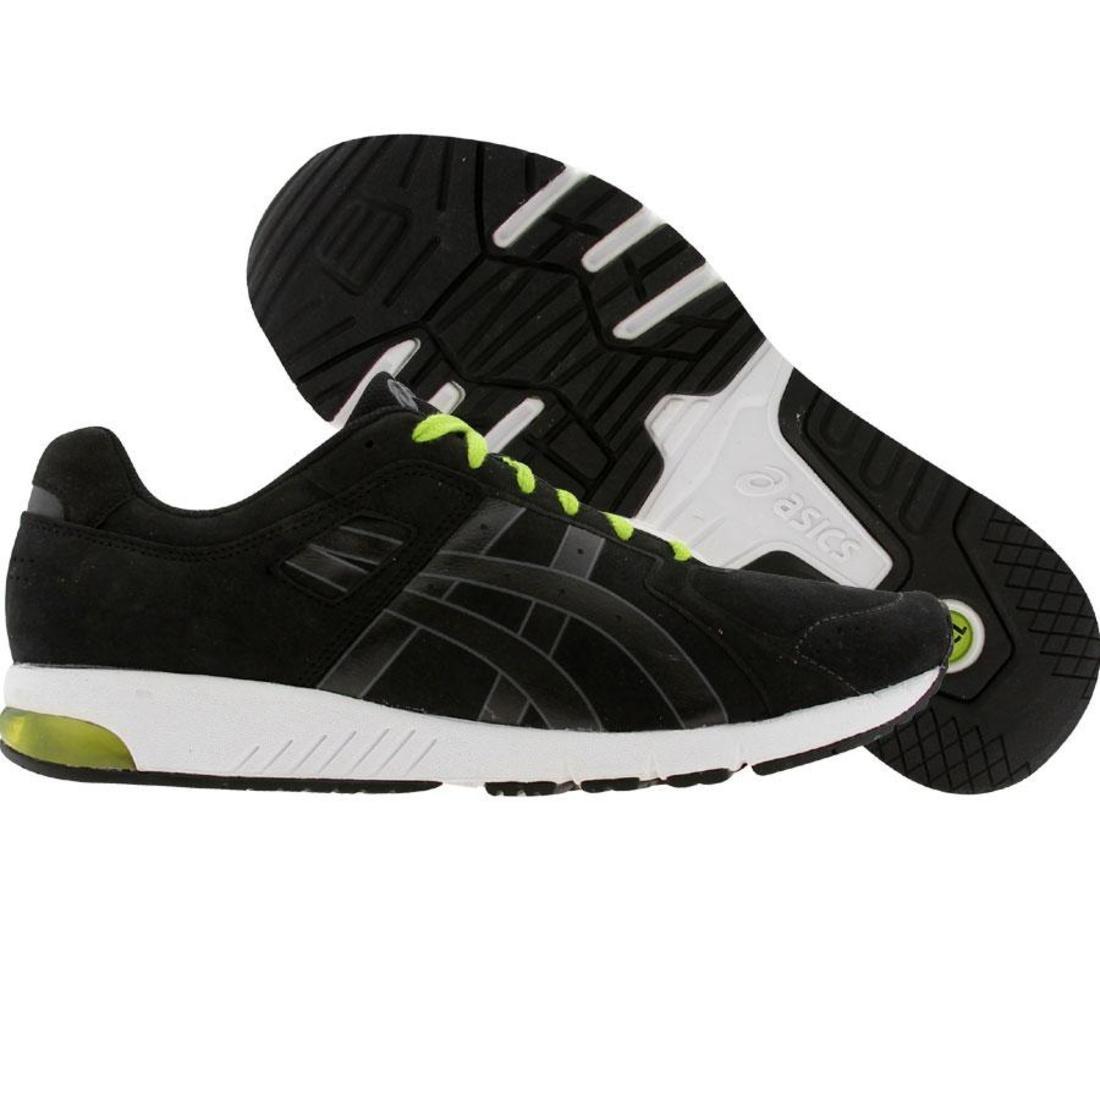 【スーパーセール商品 9/4 20:00-9/11 01:59迄】【海外限定】アシックス メンズ靴 靴 【 ASICS TIGER GTXL BLACK 】